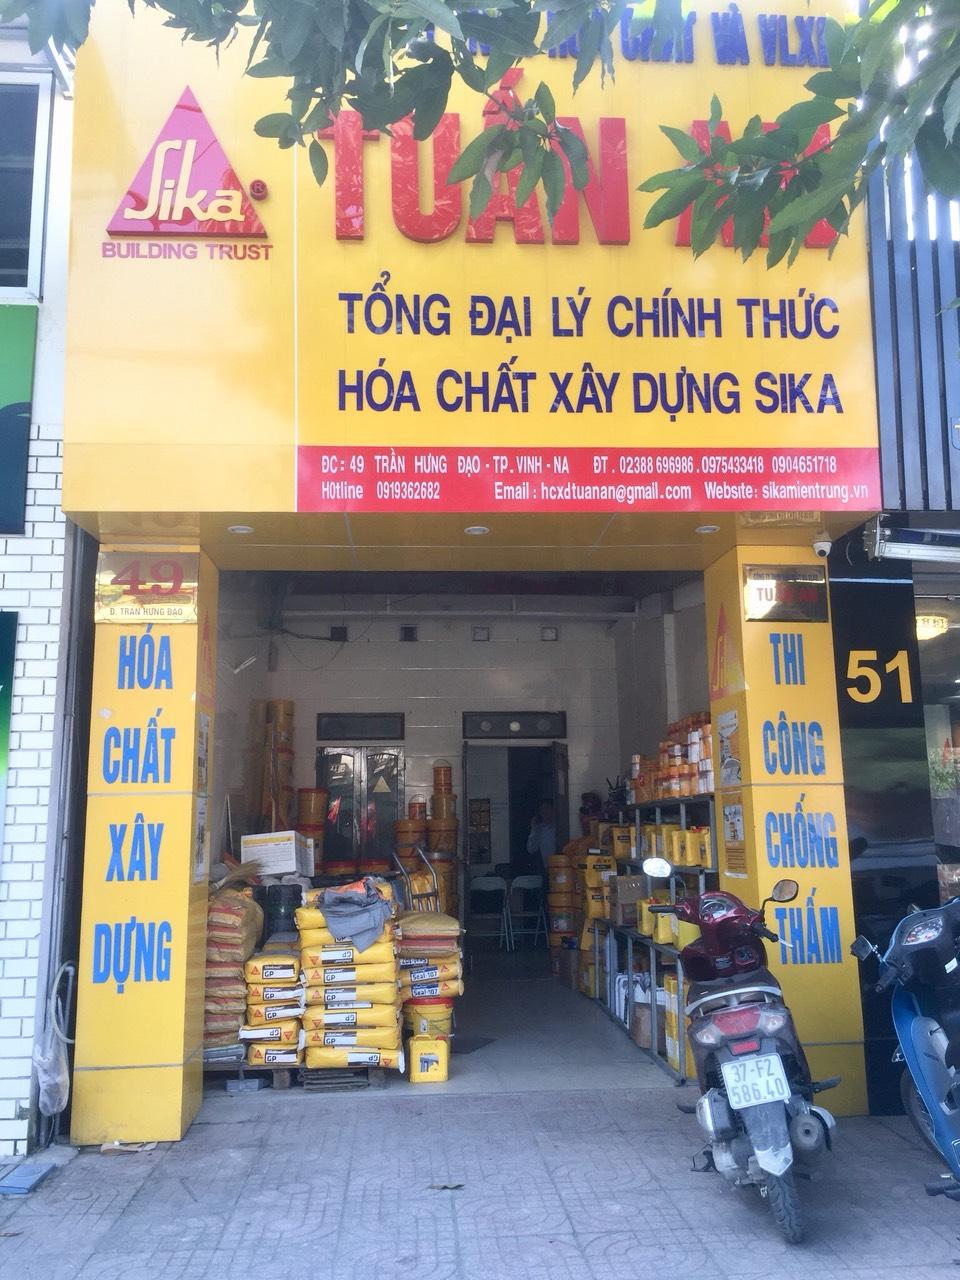 Địa chỉ bán Sika Plastocrete N tại Nghệ An uy tín nhất hiện nay